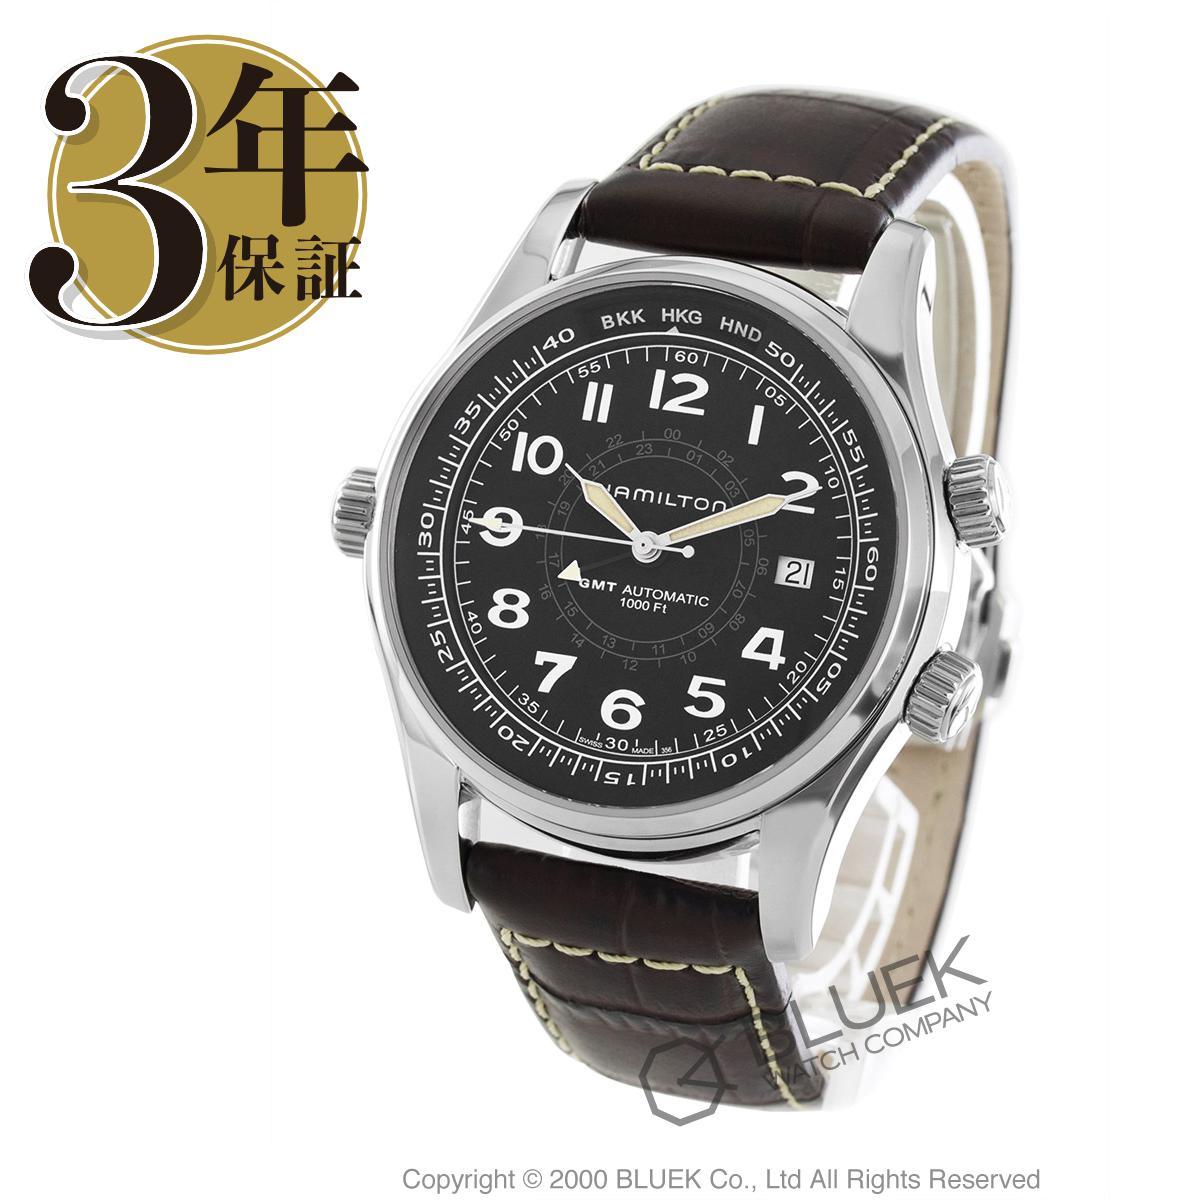 【1,000円OFFクーポン対象】ハミルトン カーキ ネイビー UTC GMT 300m防水 腕時計 メンズ HAMILTON H77505535_8